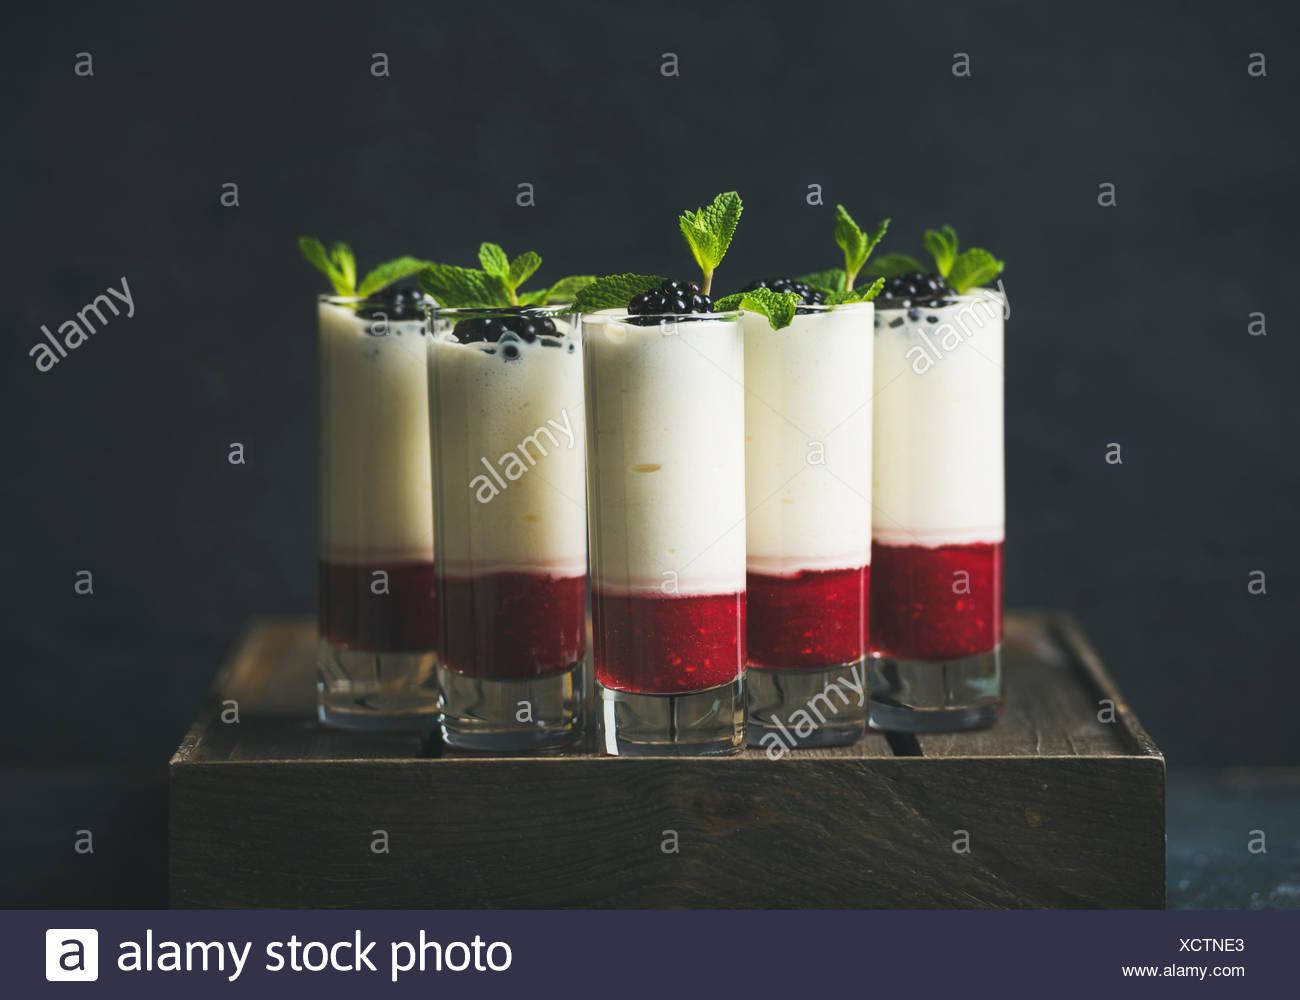 Restauration, banquet ou partie food concept. Dessert dans le verre avec des mûres et de feuilles de menthe sur fond sombre sur l'événement d'entreprise, noël, birthd Photo Stock